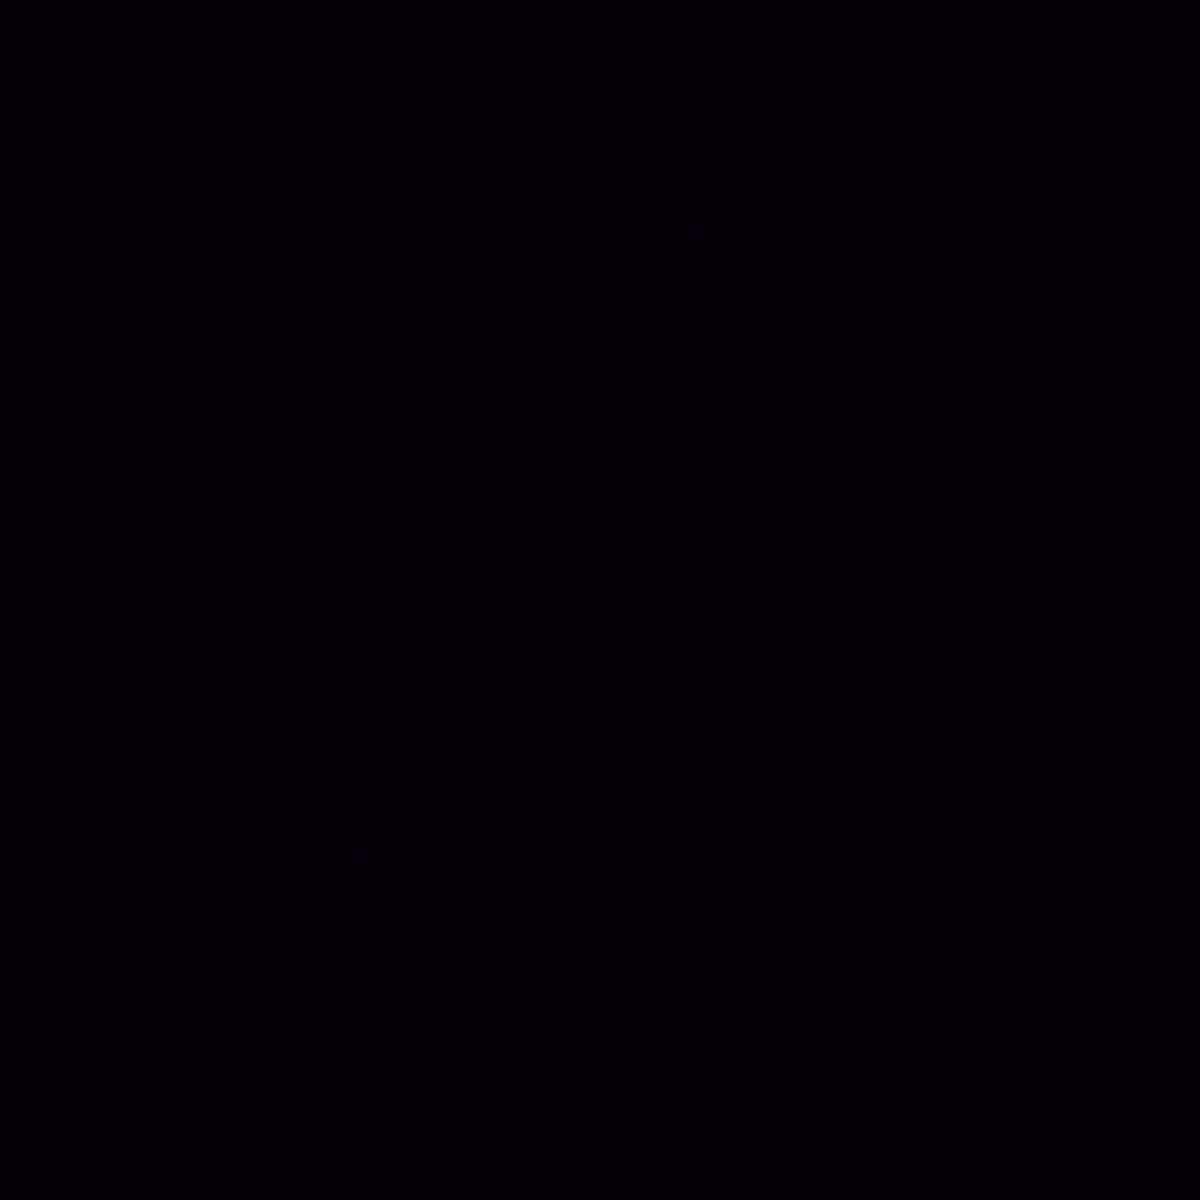 PORCELANATO 73x73cm NERO cx2,13m² DELTA